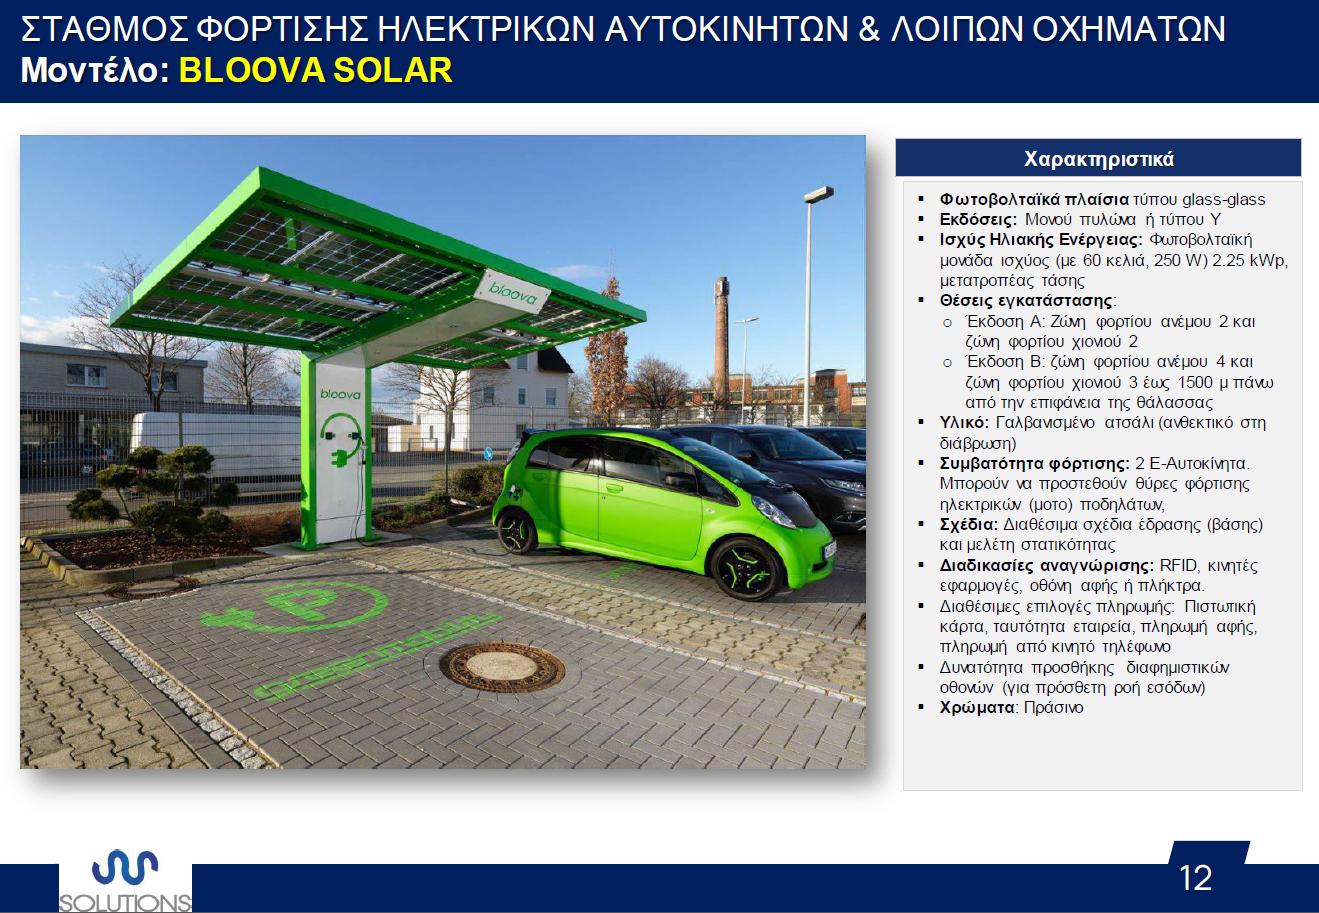 Φόρτιση ηλεκτρονικών αυτοκινήτων-BLOOVA-SOLAR-DIGITAL-SOLUTIONS-image1